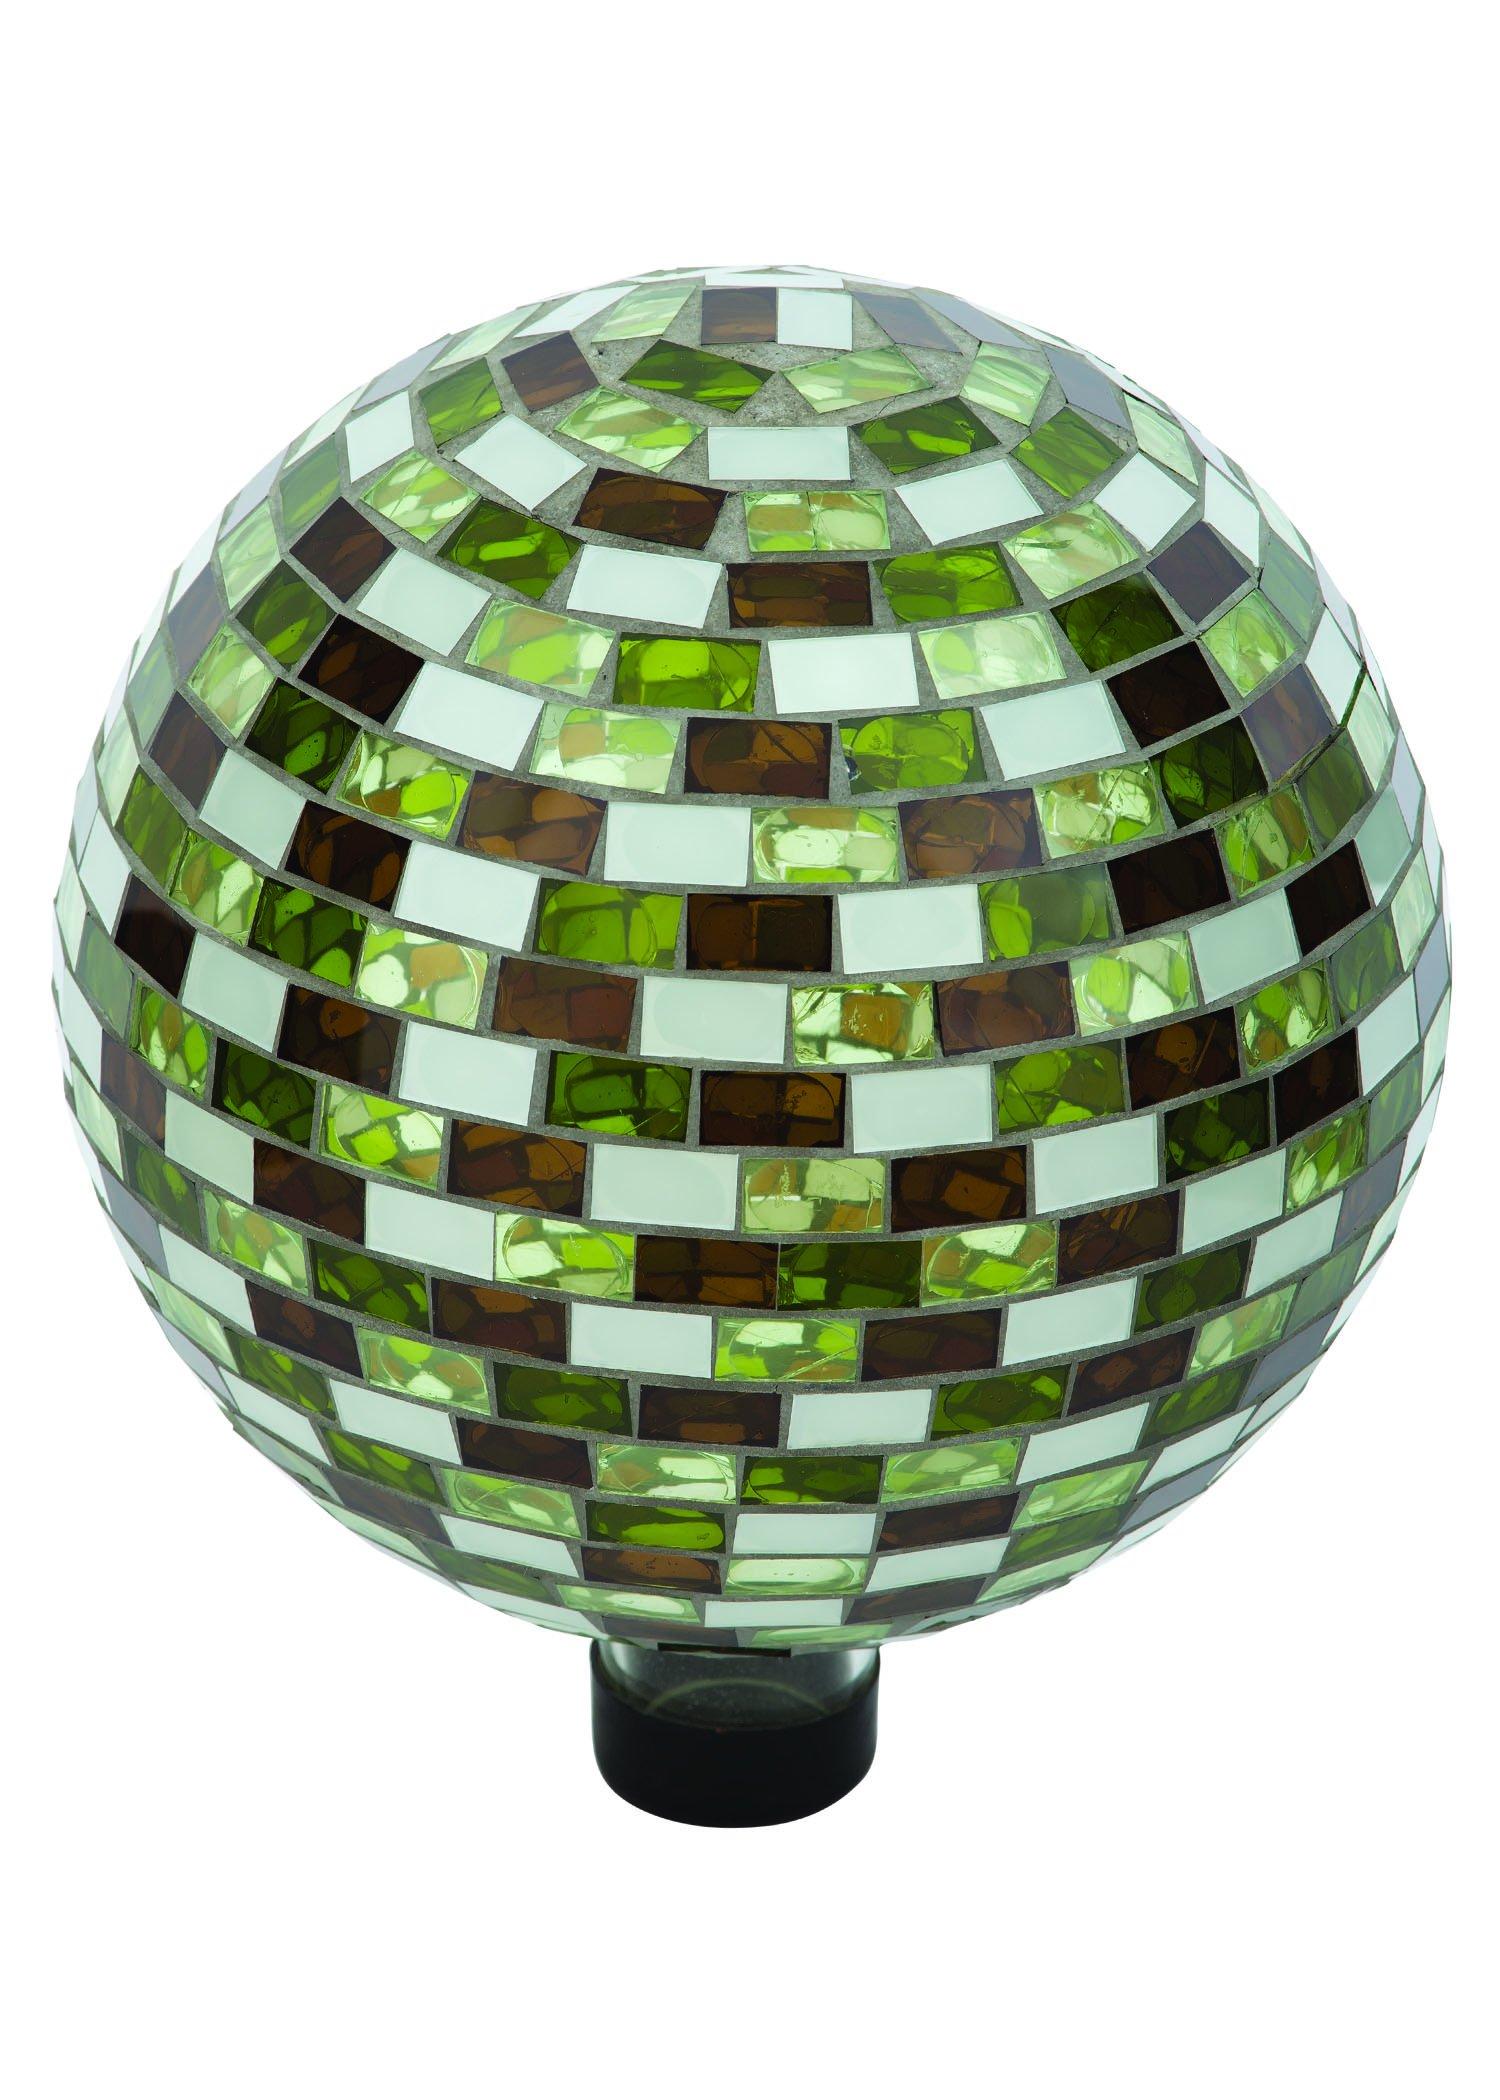 Russco III GD137173 Glass Gazing Ball, 10'', Mosaic Rectangle